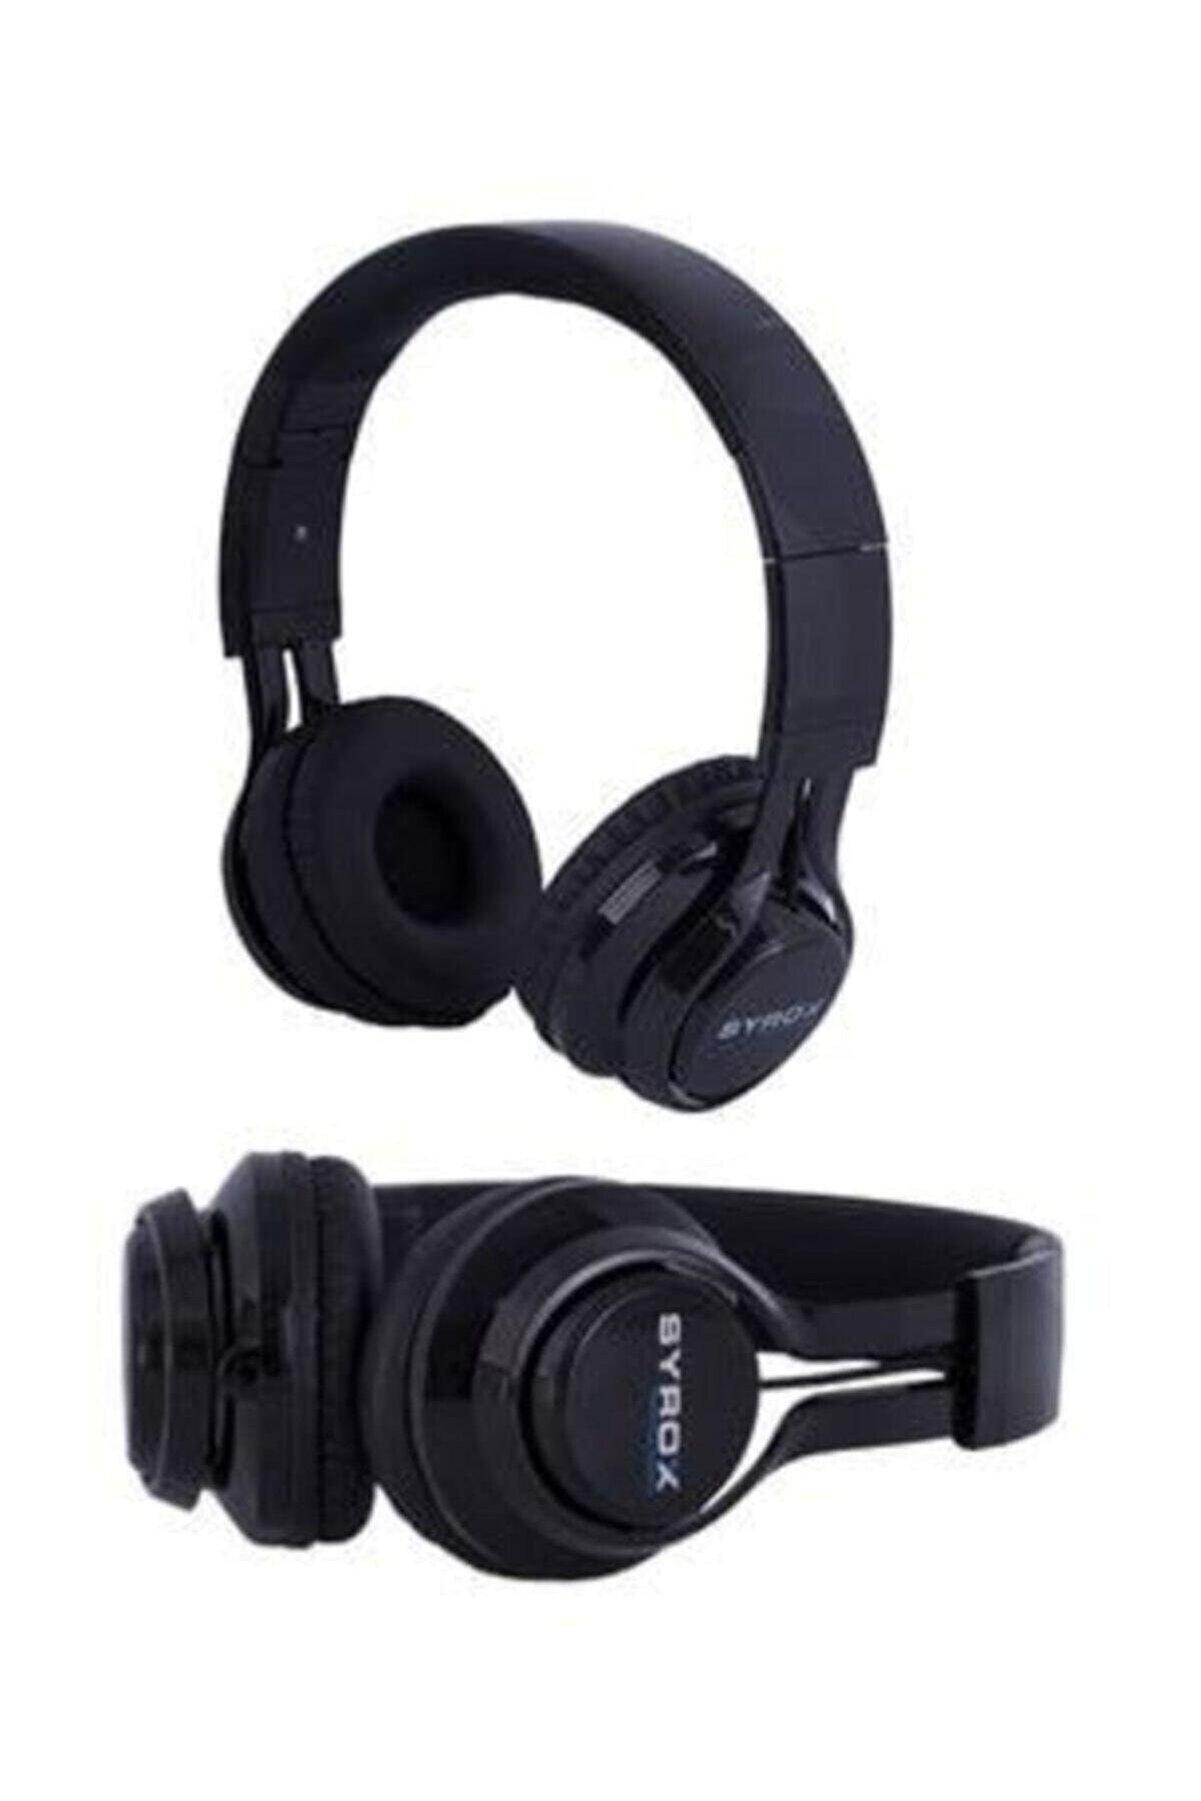 Syrox Bluetooth Kulaküstü Kulaklık